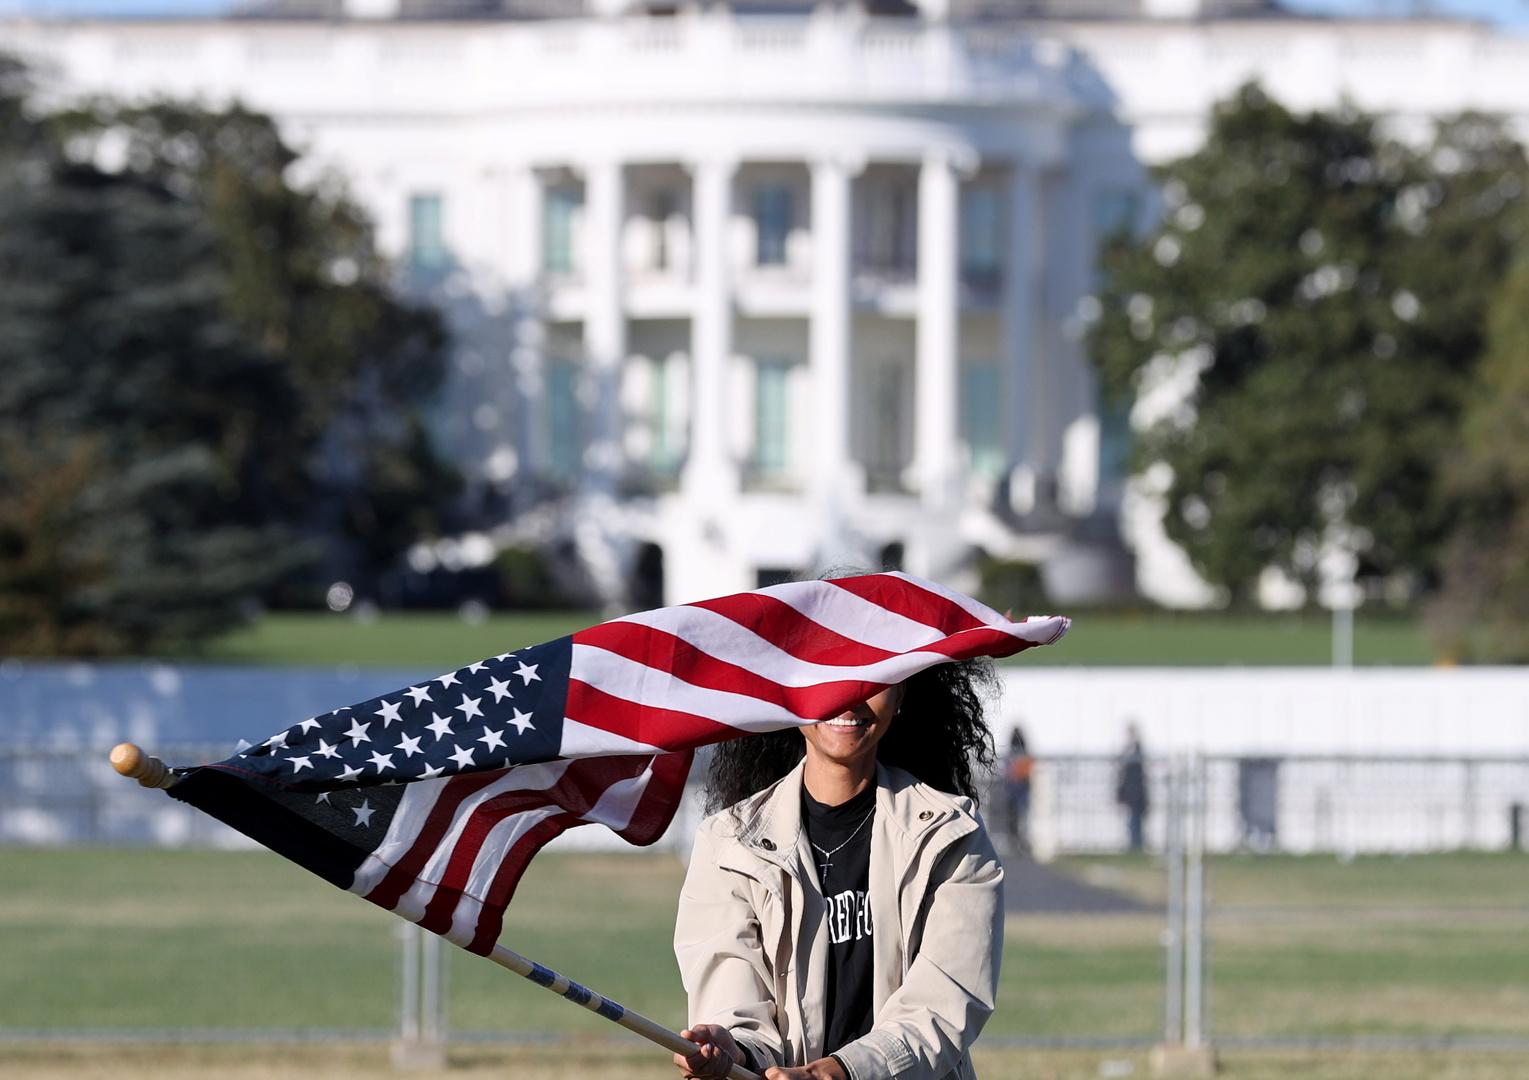 سباق الرئاسة الأمريكية لحظة بلحظة.. من بات الأقرب إلى كرسي البيت الأبيض.. ترامب أم بايدن؟